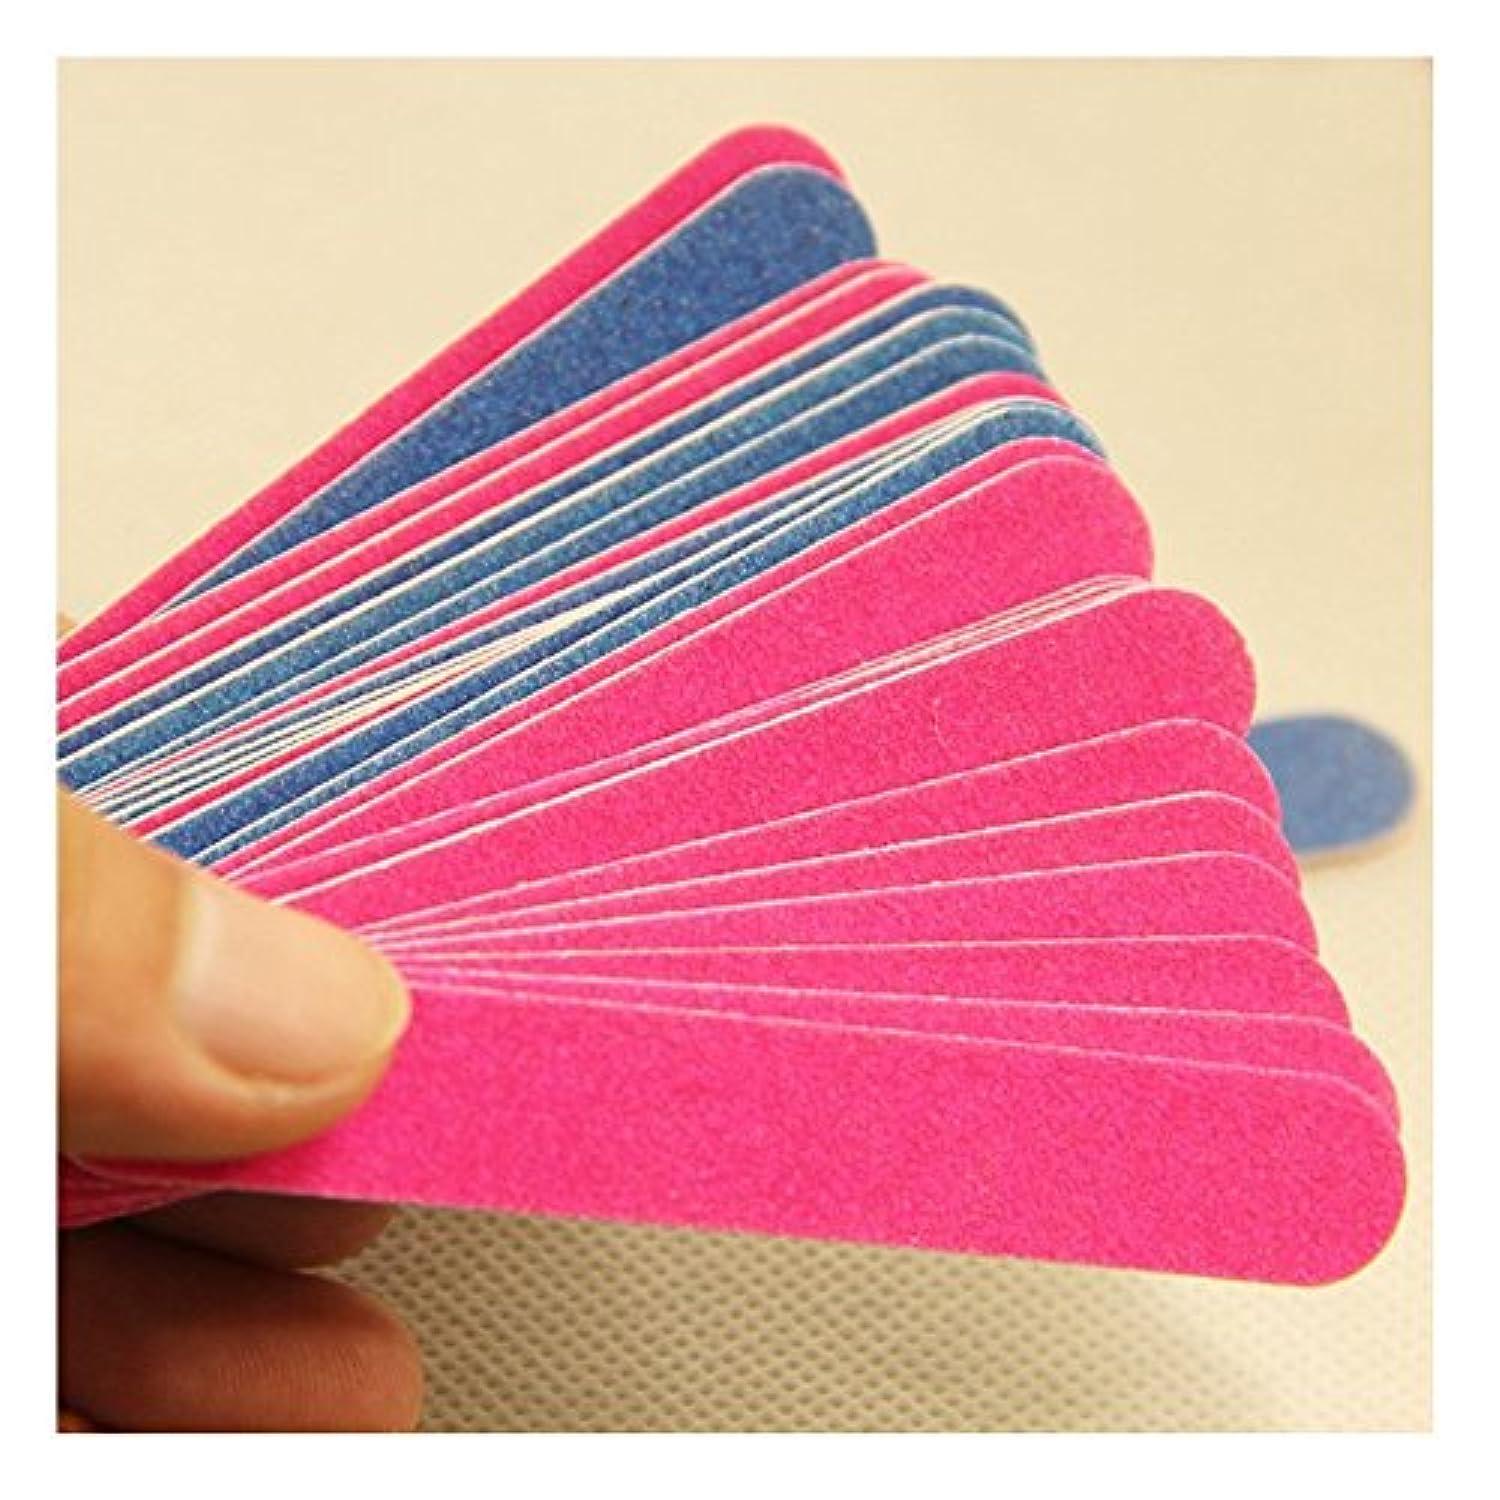 爪やすり 紙製 ネイルツールセット 爪磨き 足の爪 ペットの爪 犬爪 ねこ 携帯 持ちやすい 小 20点入り